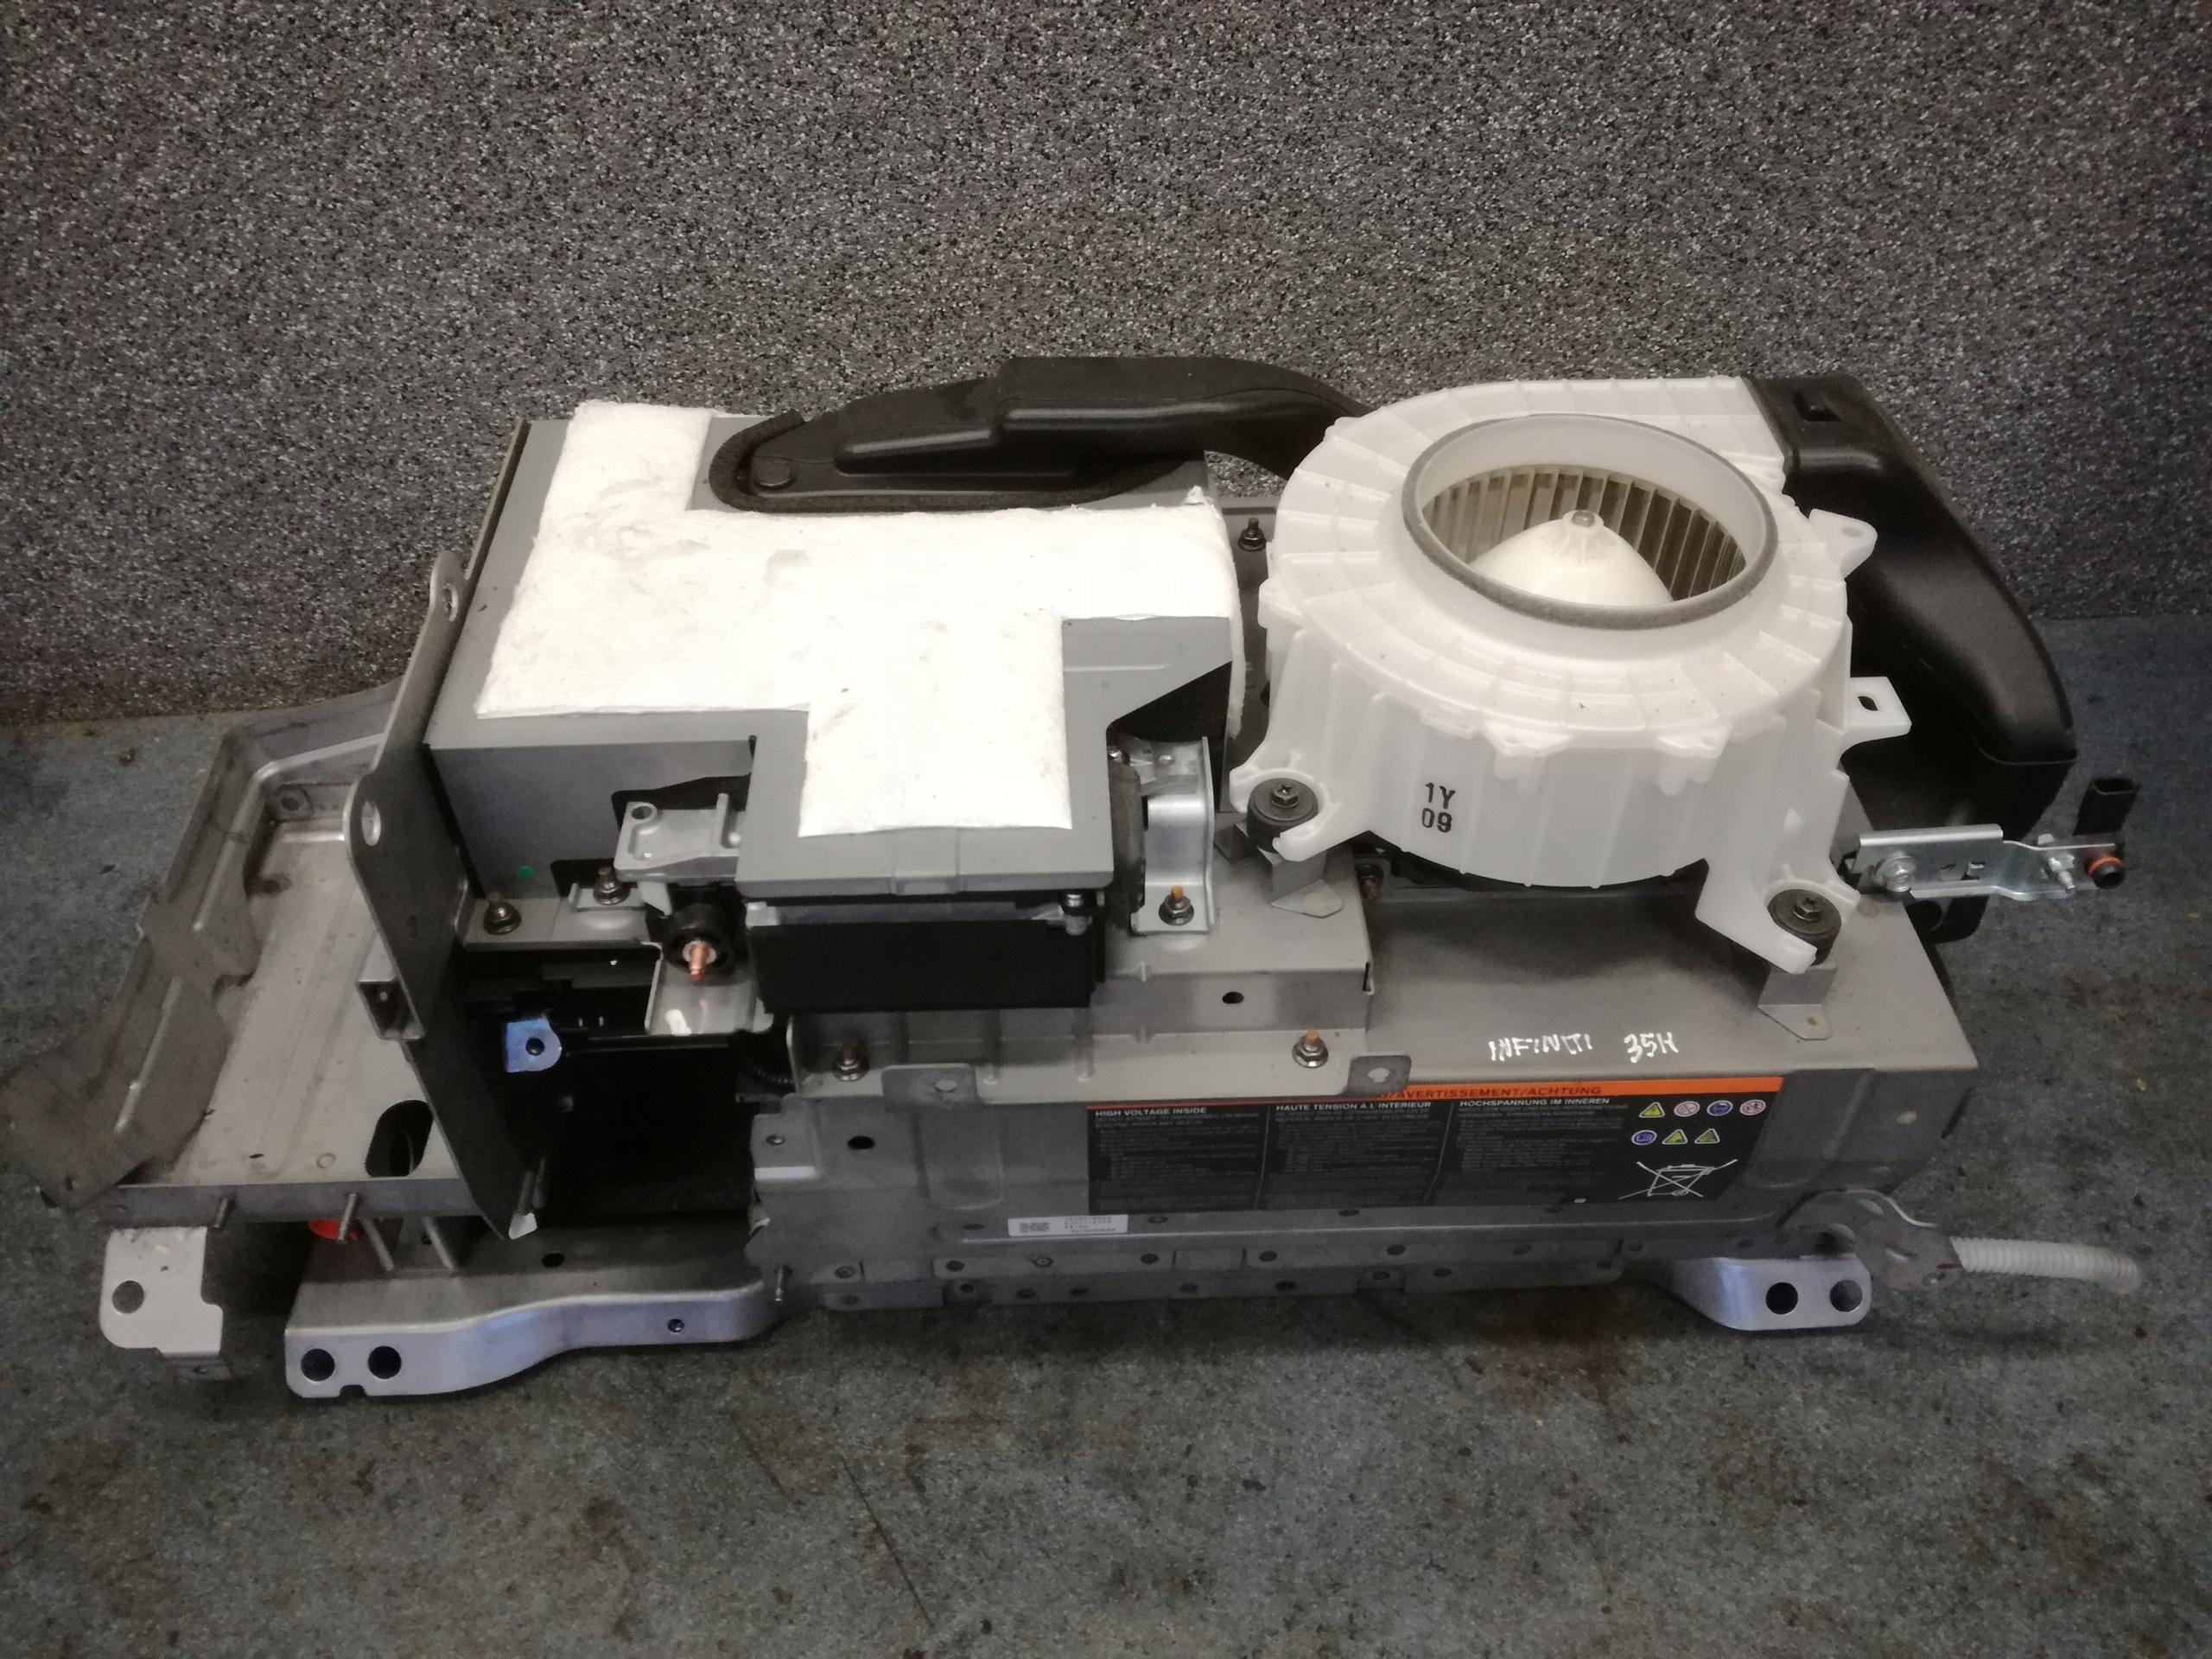 Батерия Инфинити Q70 с М m35h бежит 3.5 гибрид 10-18